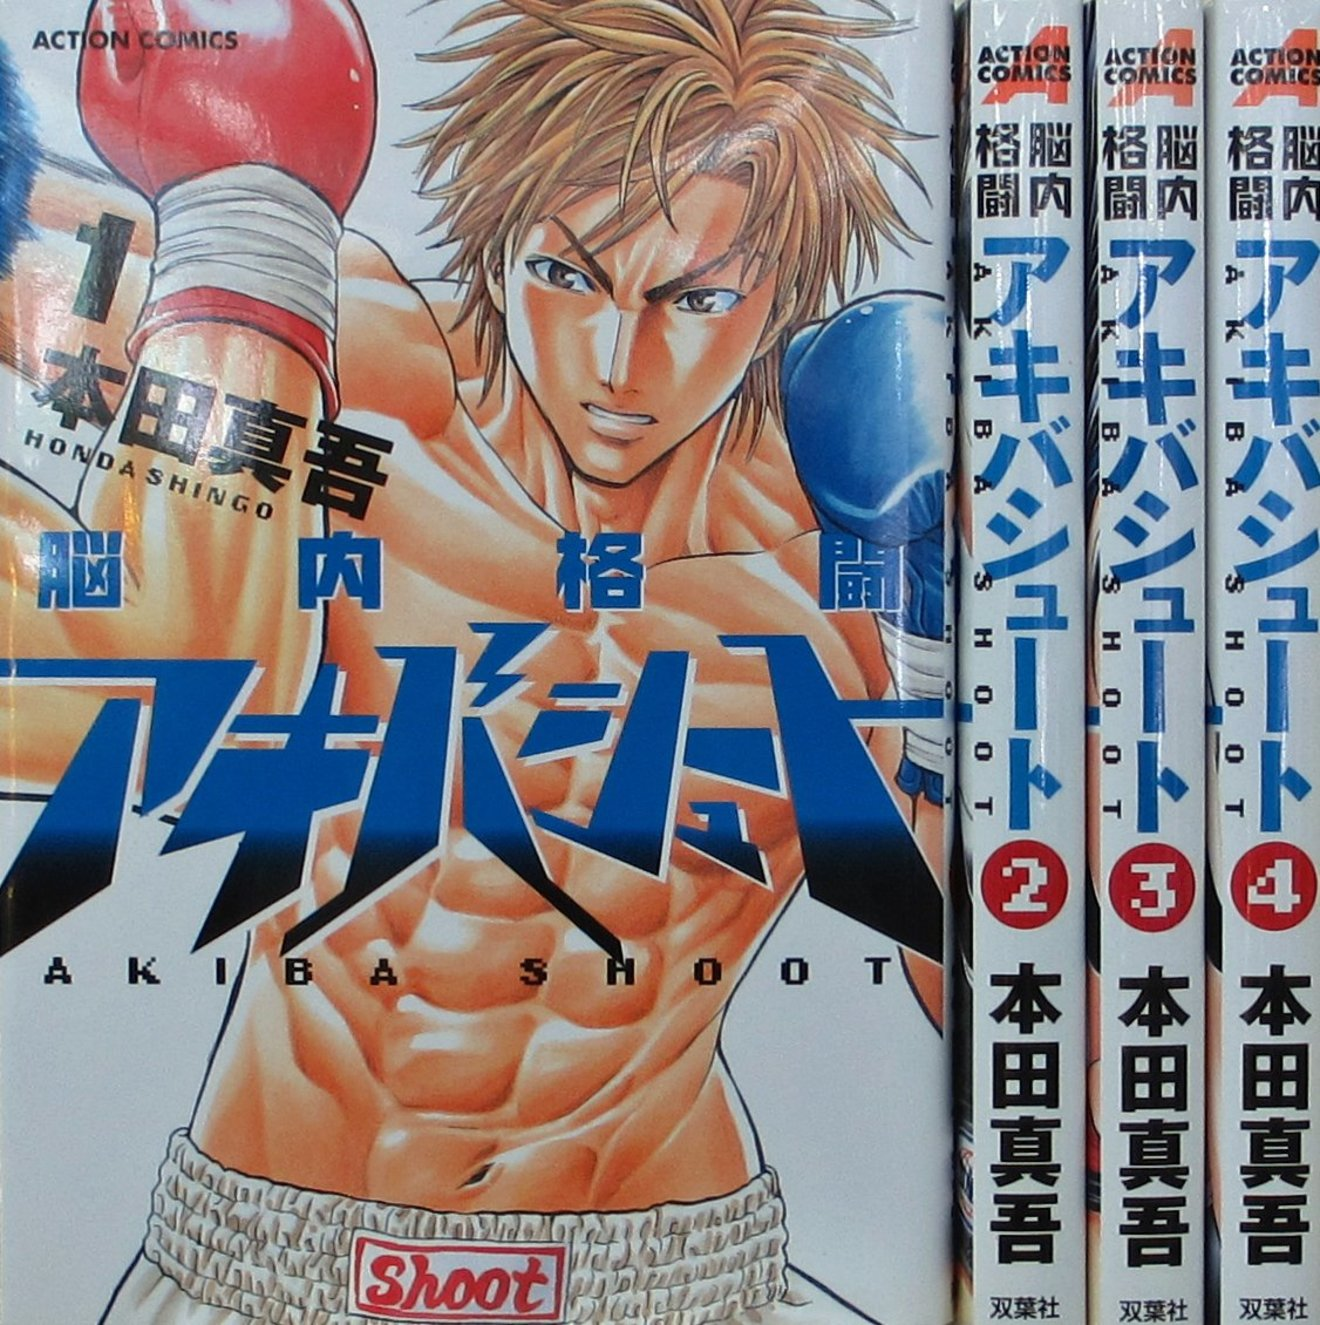 『脳内格闘アキバシュート』が激アツ!弱虫格闘漫画を全巻ネタバレ!【無料】